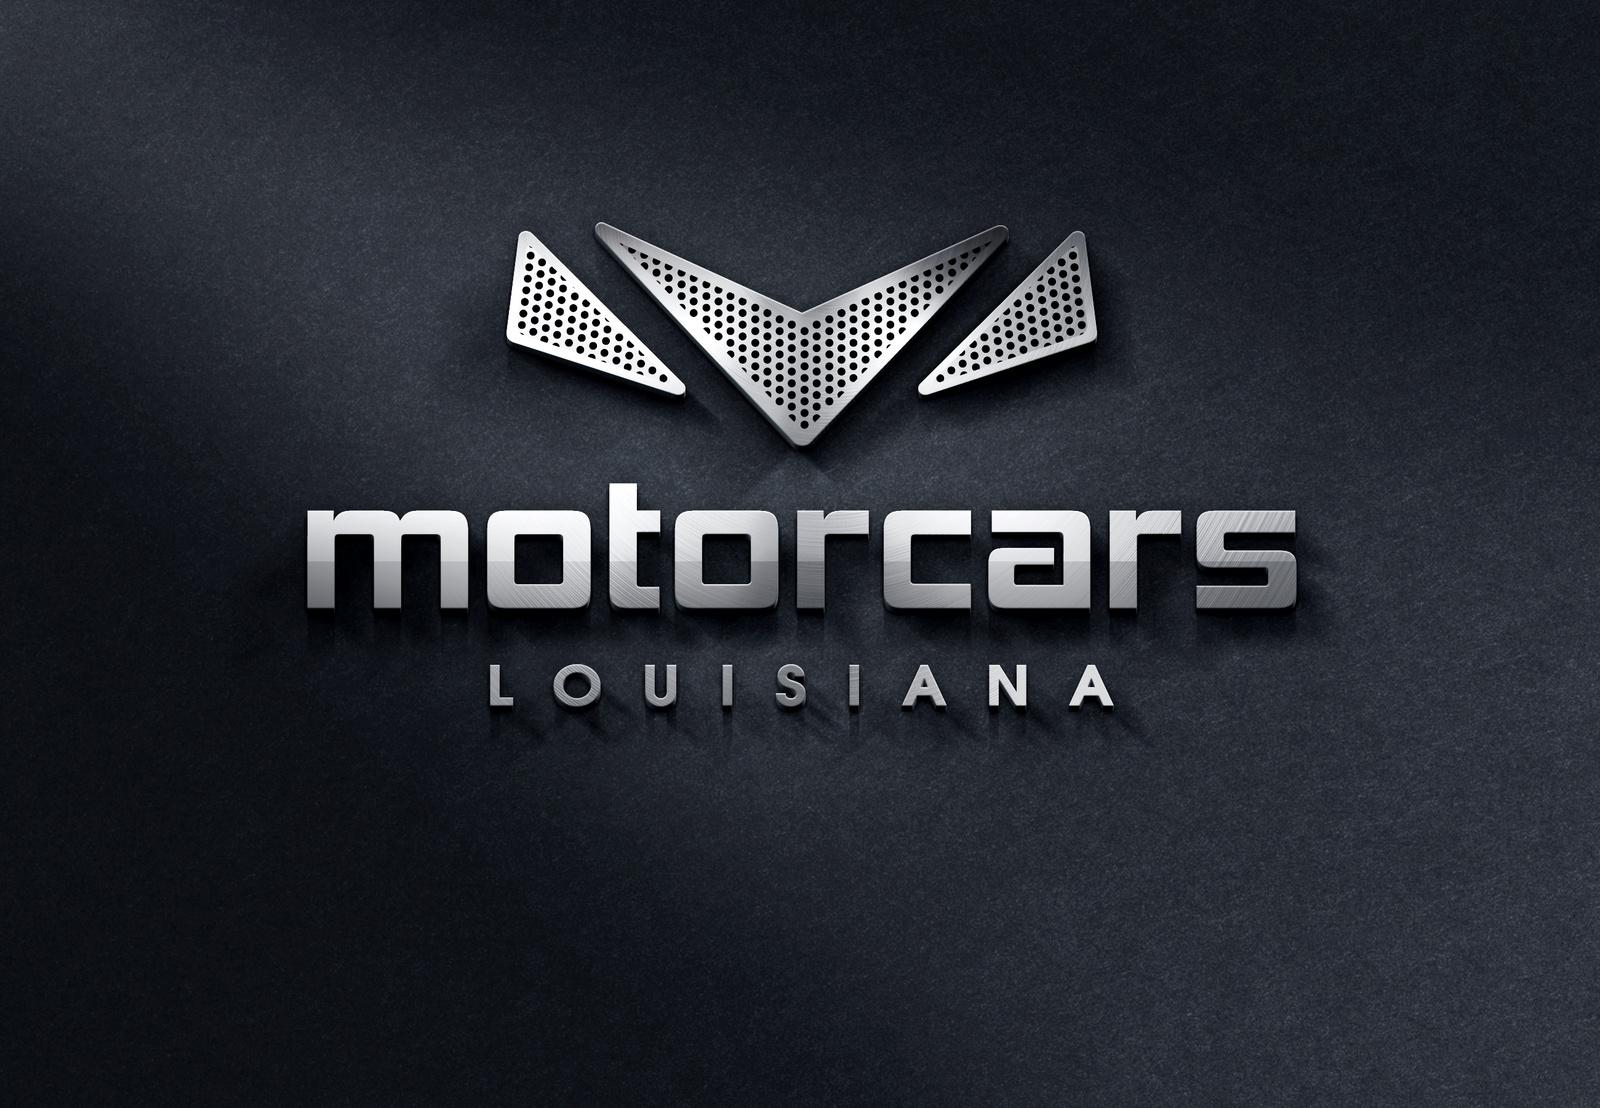 Subaru Baton Rouge >> Motorcars Louisiana - Baton Rouge, LA: Lee evaluaciones de consumidores, busca entre autos ...